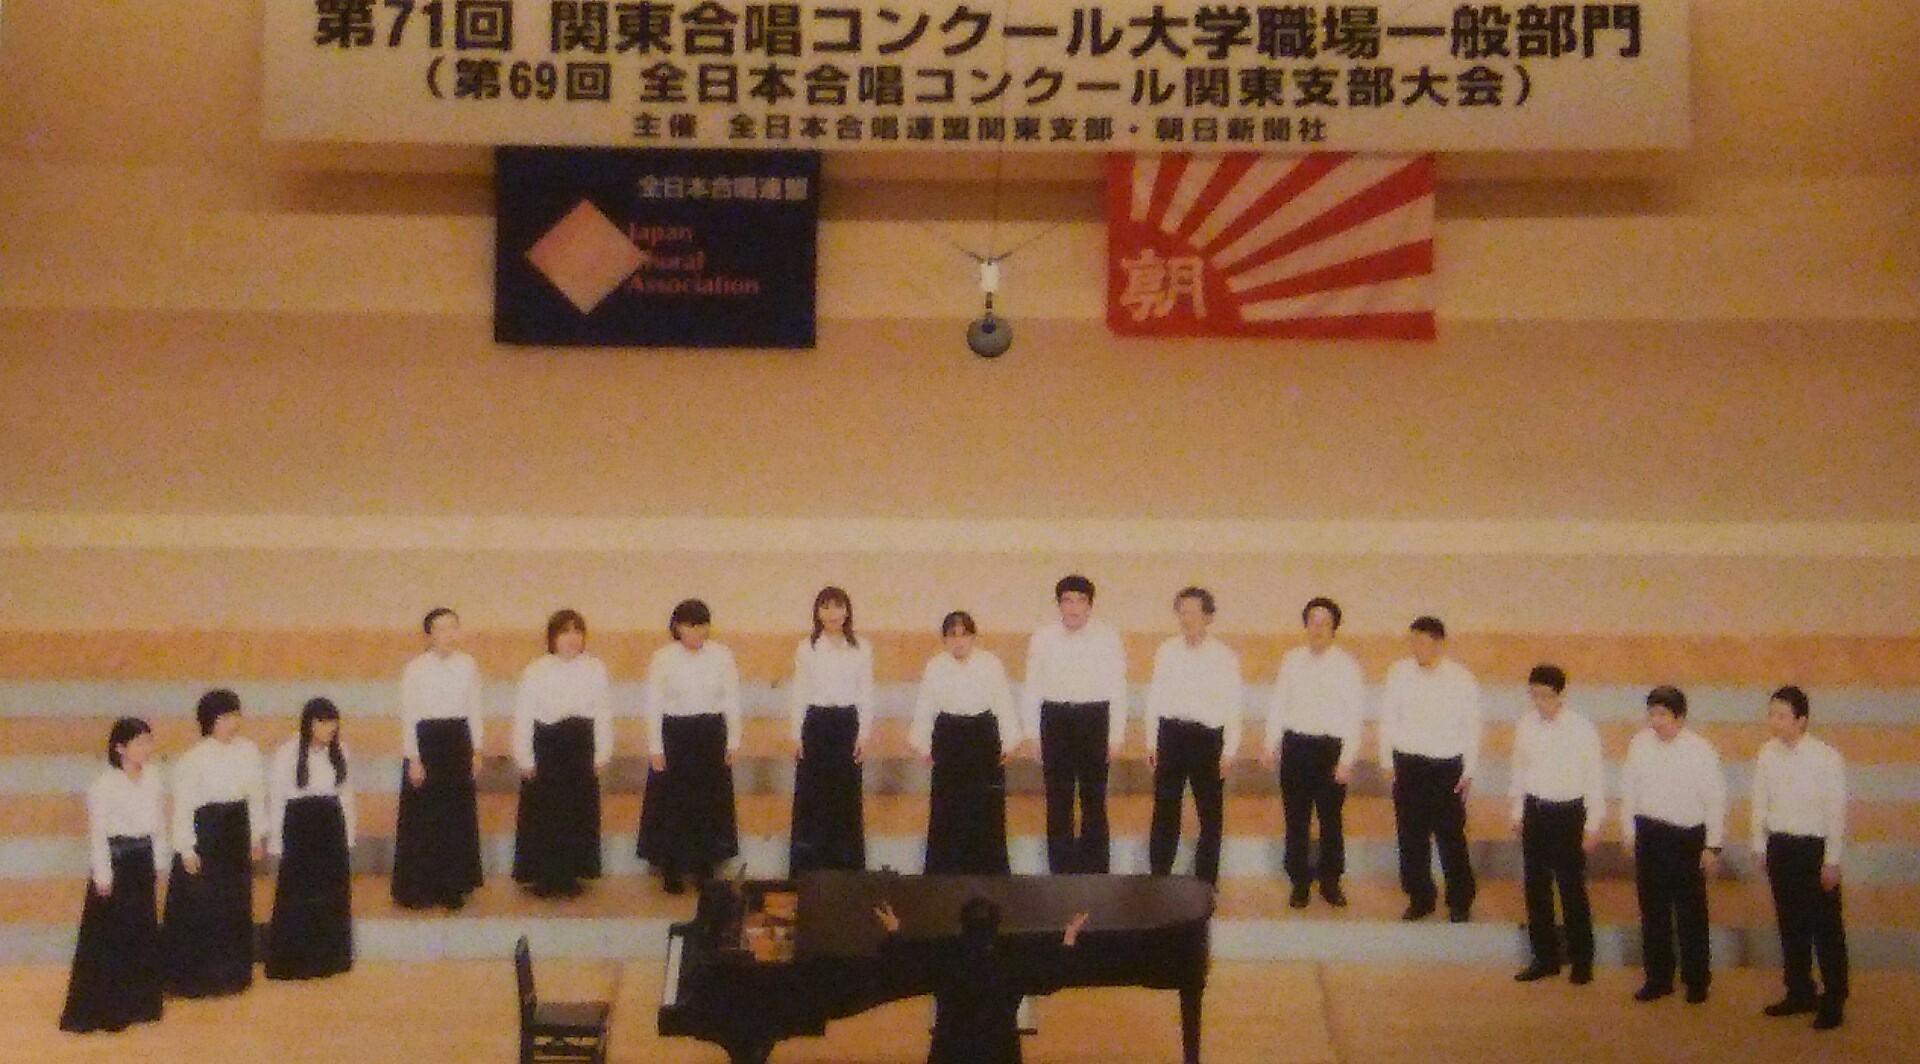 平成28年度関東合唱コンクールから